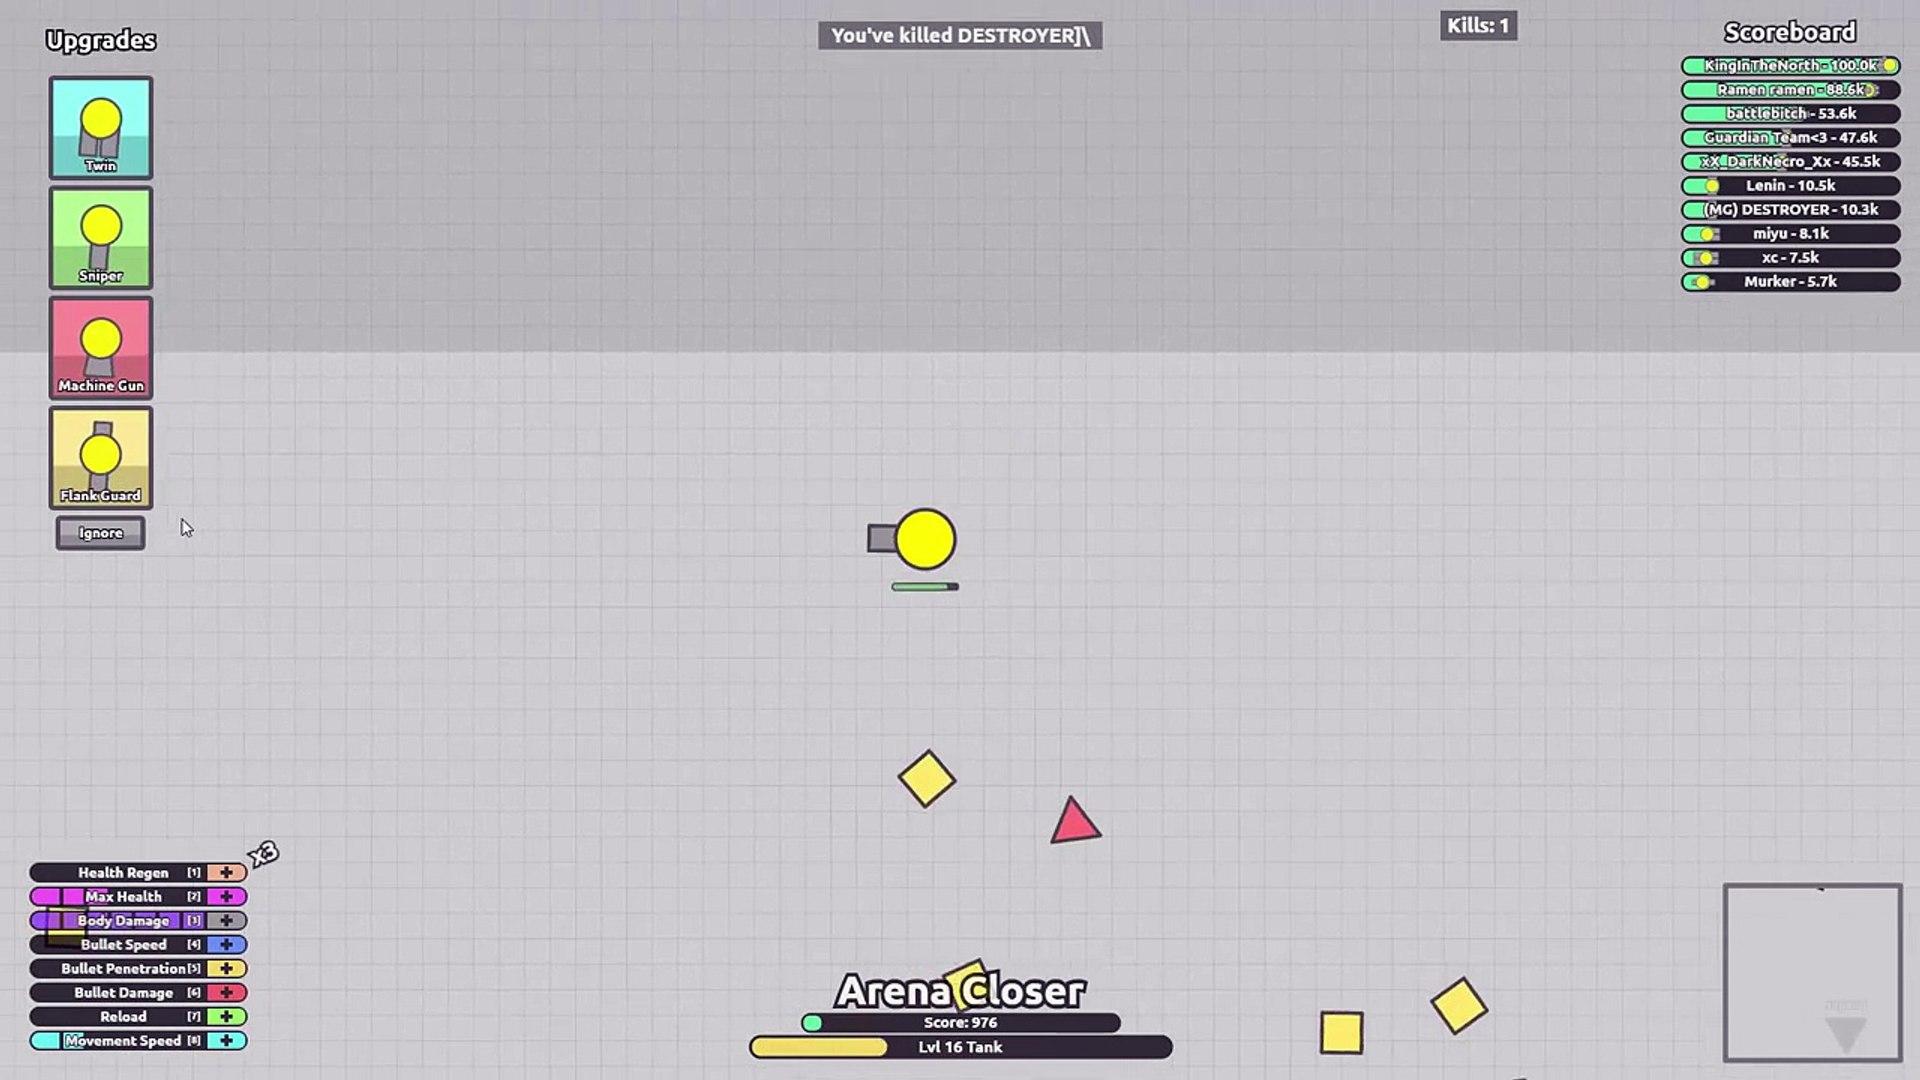 Diep.io Hack - I Am an Arena Closer Mod // Diep.io